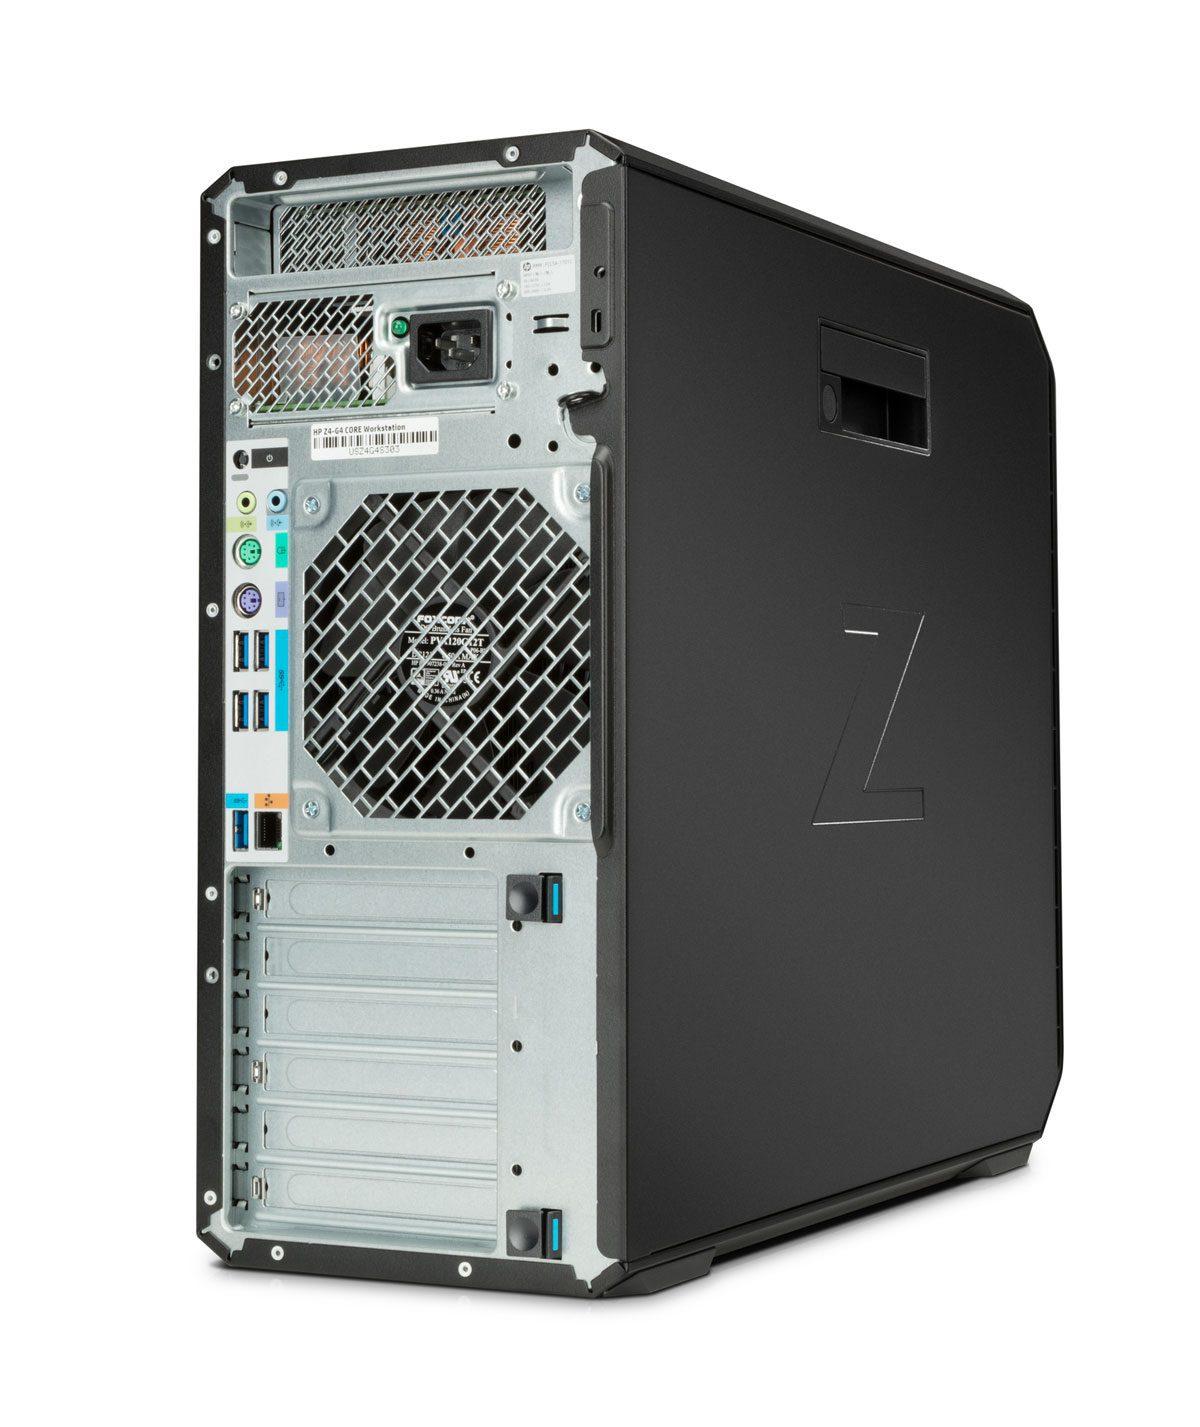 دسکتاپ HP مدل Z4 G4 Tower